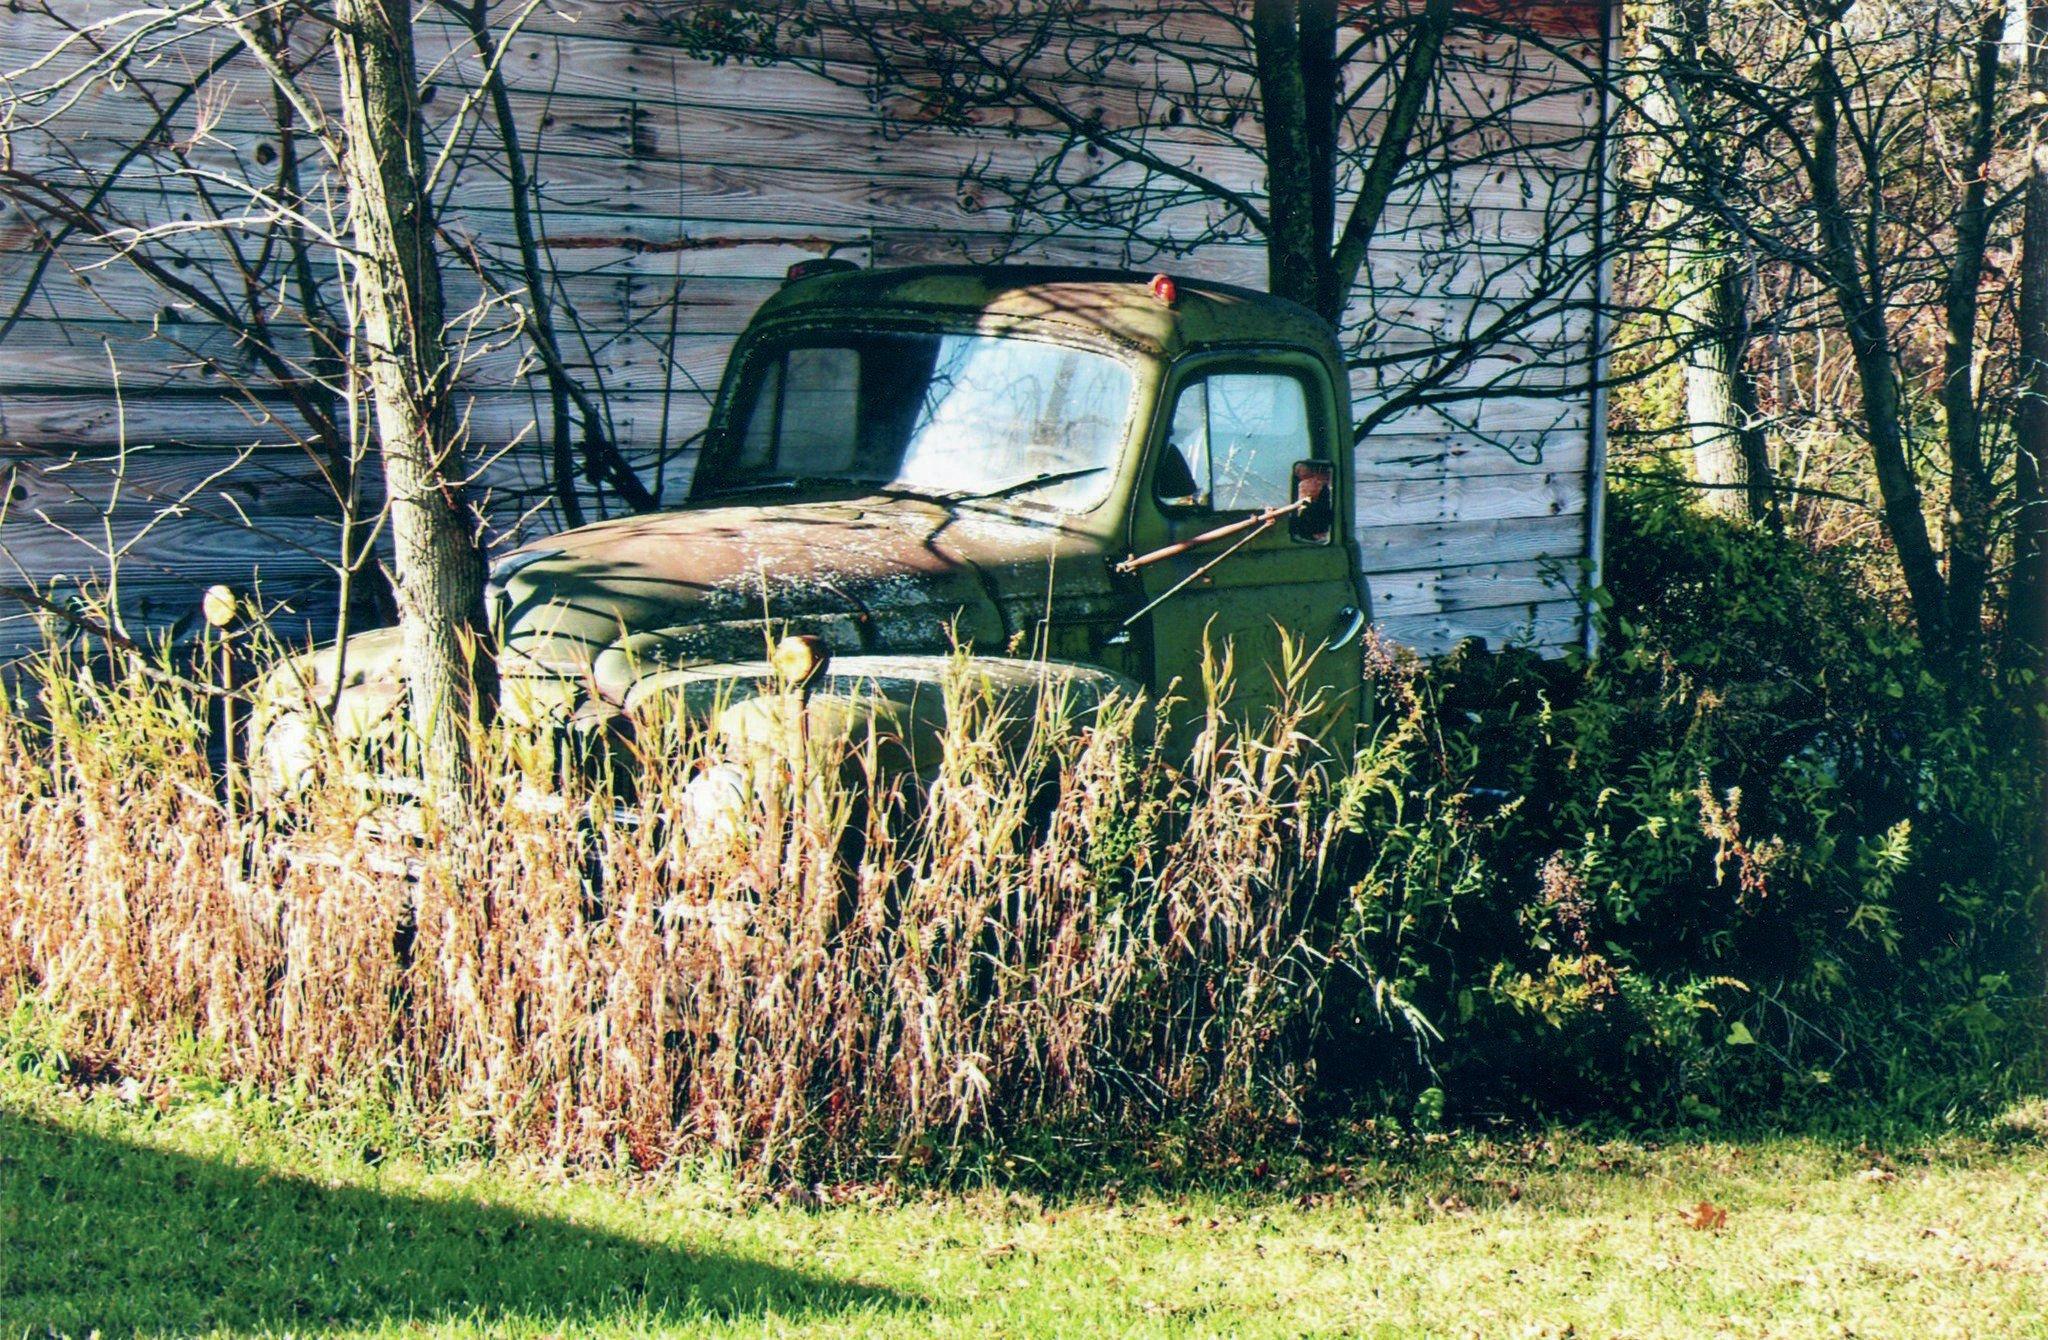 1950 International Harvester Tuck Forgotten Rusting wallpaper